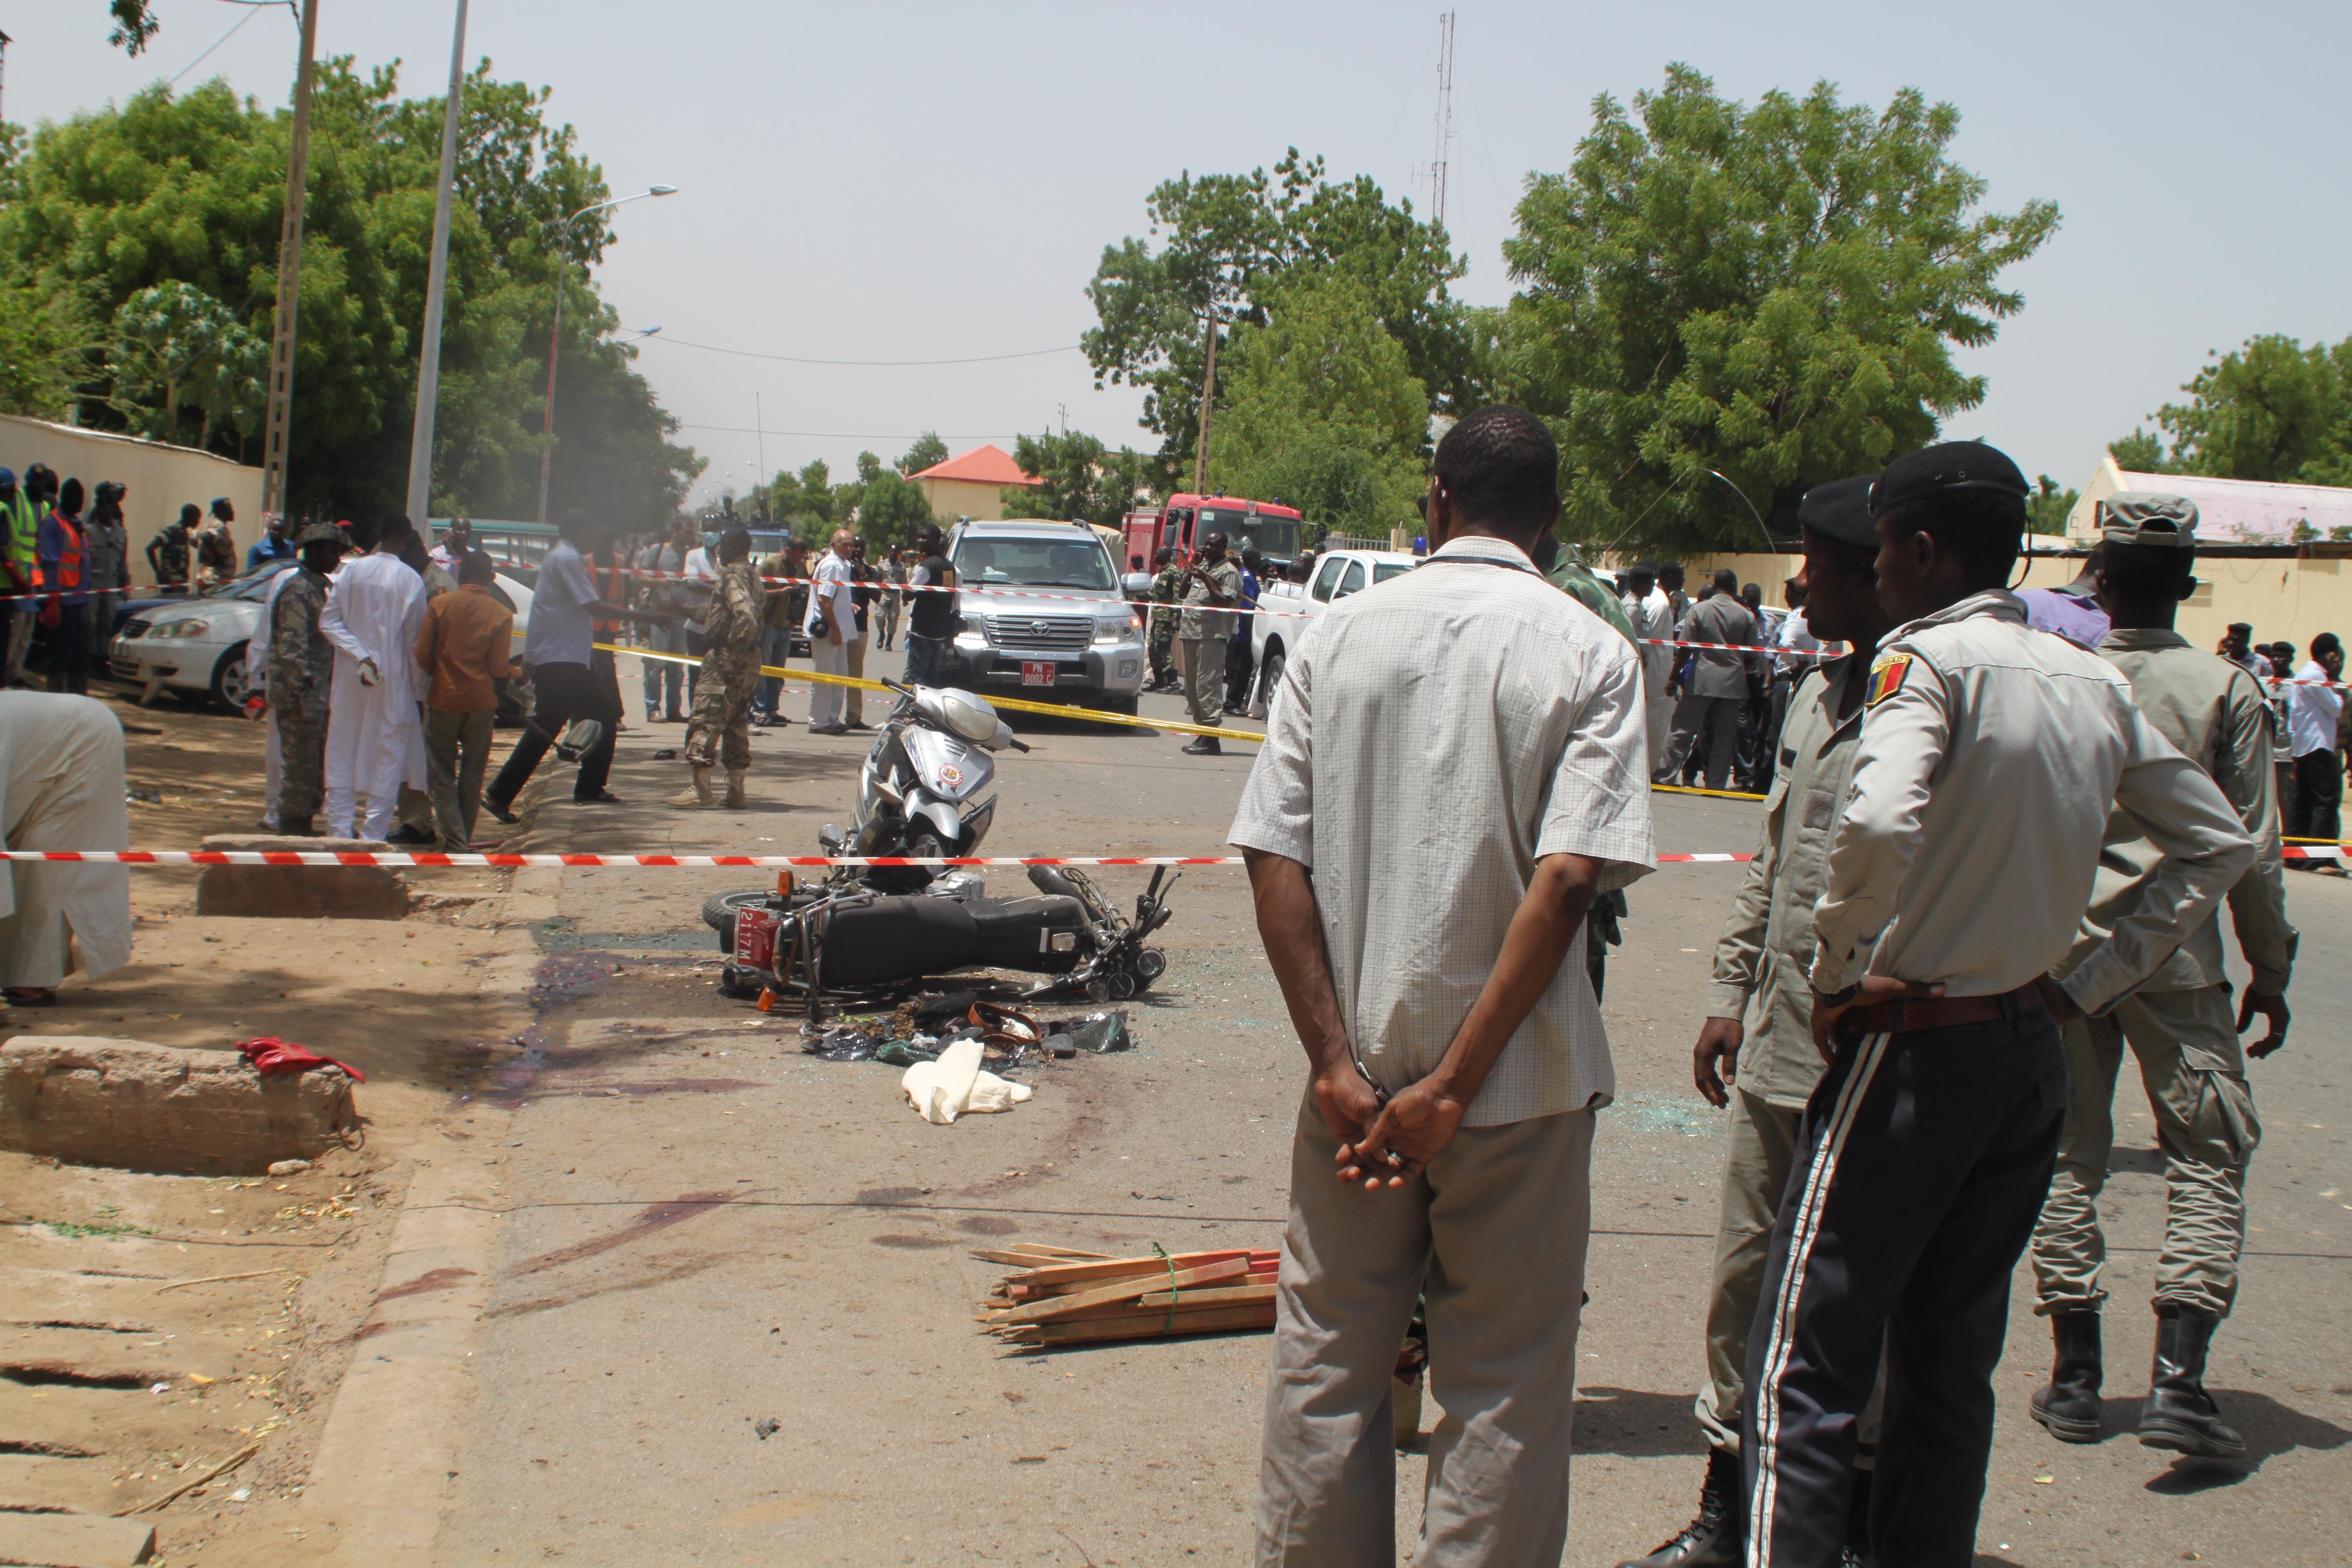 Tchad : 3 corps sans vies et attachés retrouvés dans les environs de la capitale